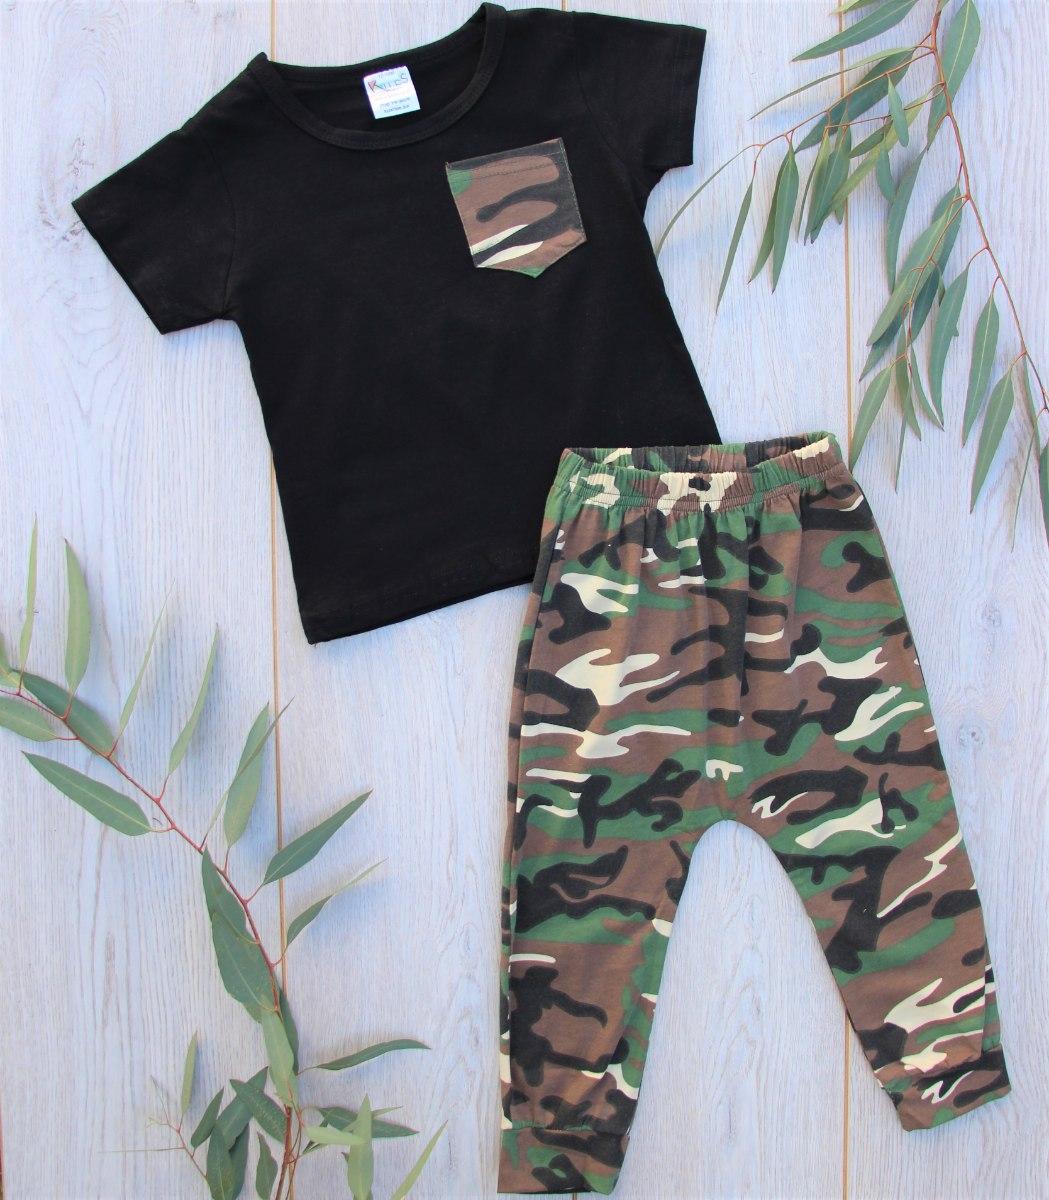 חליפה צבאית שחור